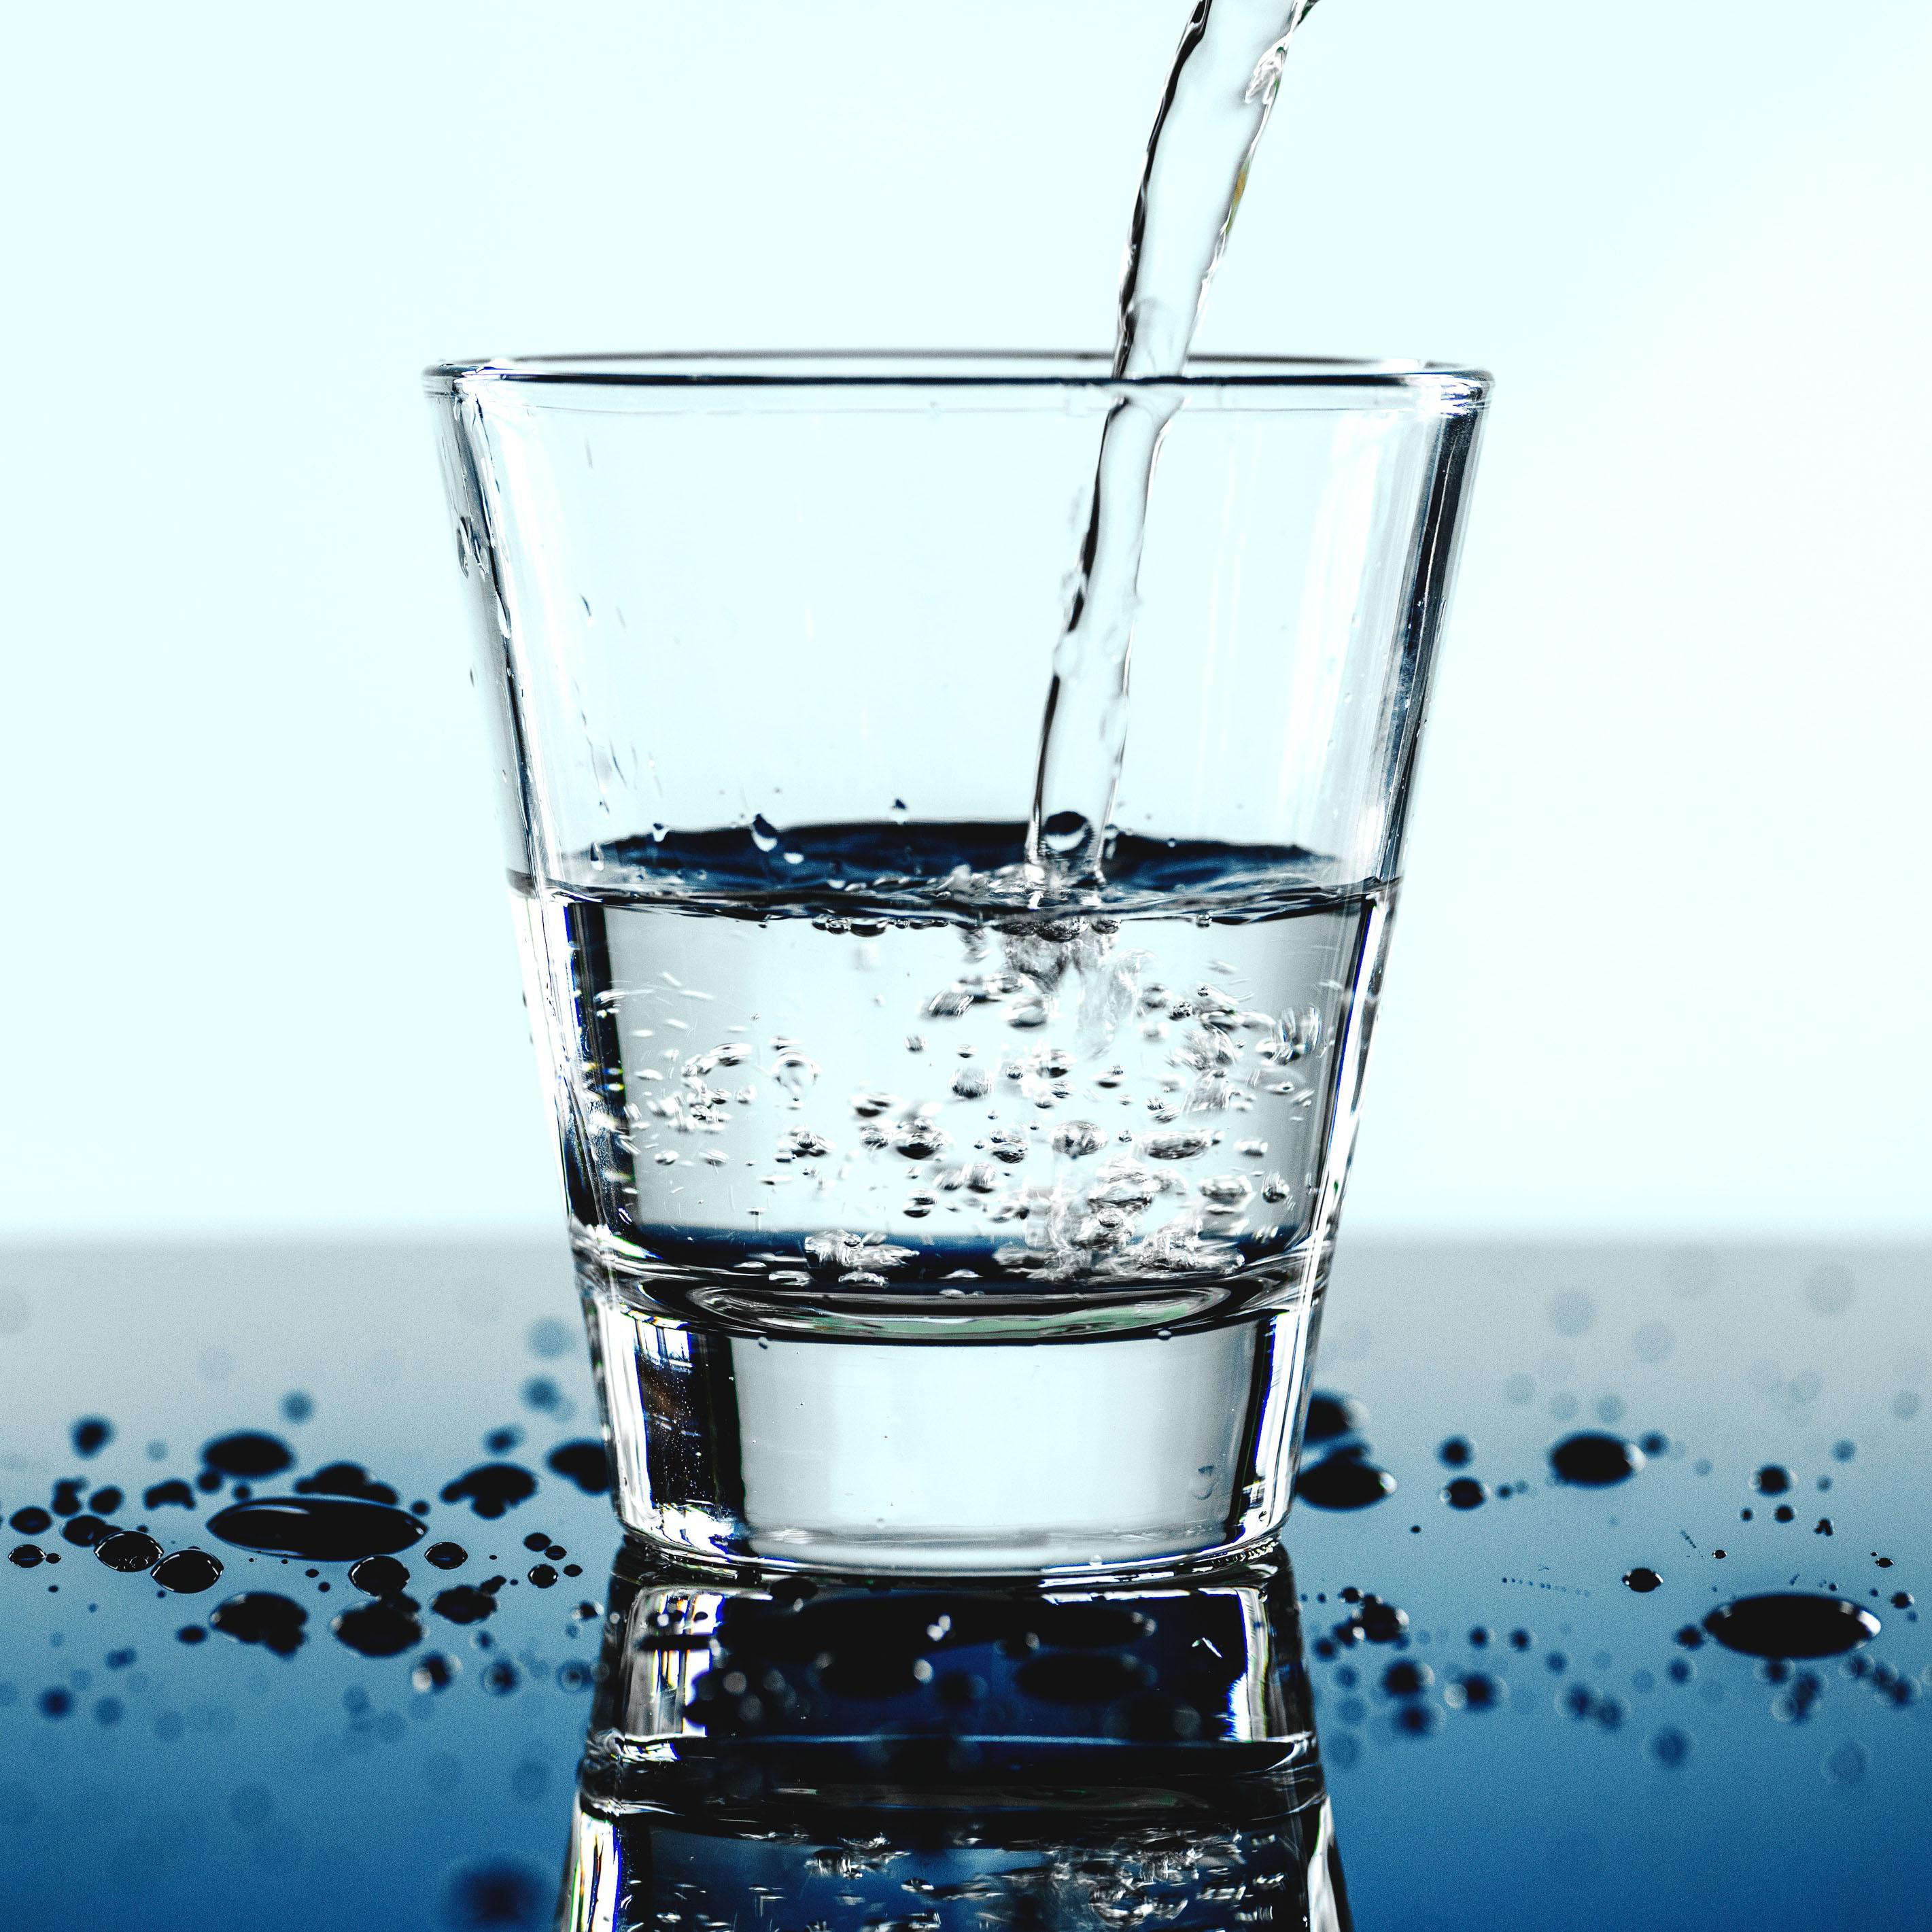 Ein Glas wird mit Wasser befüllt.